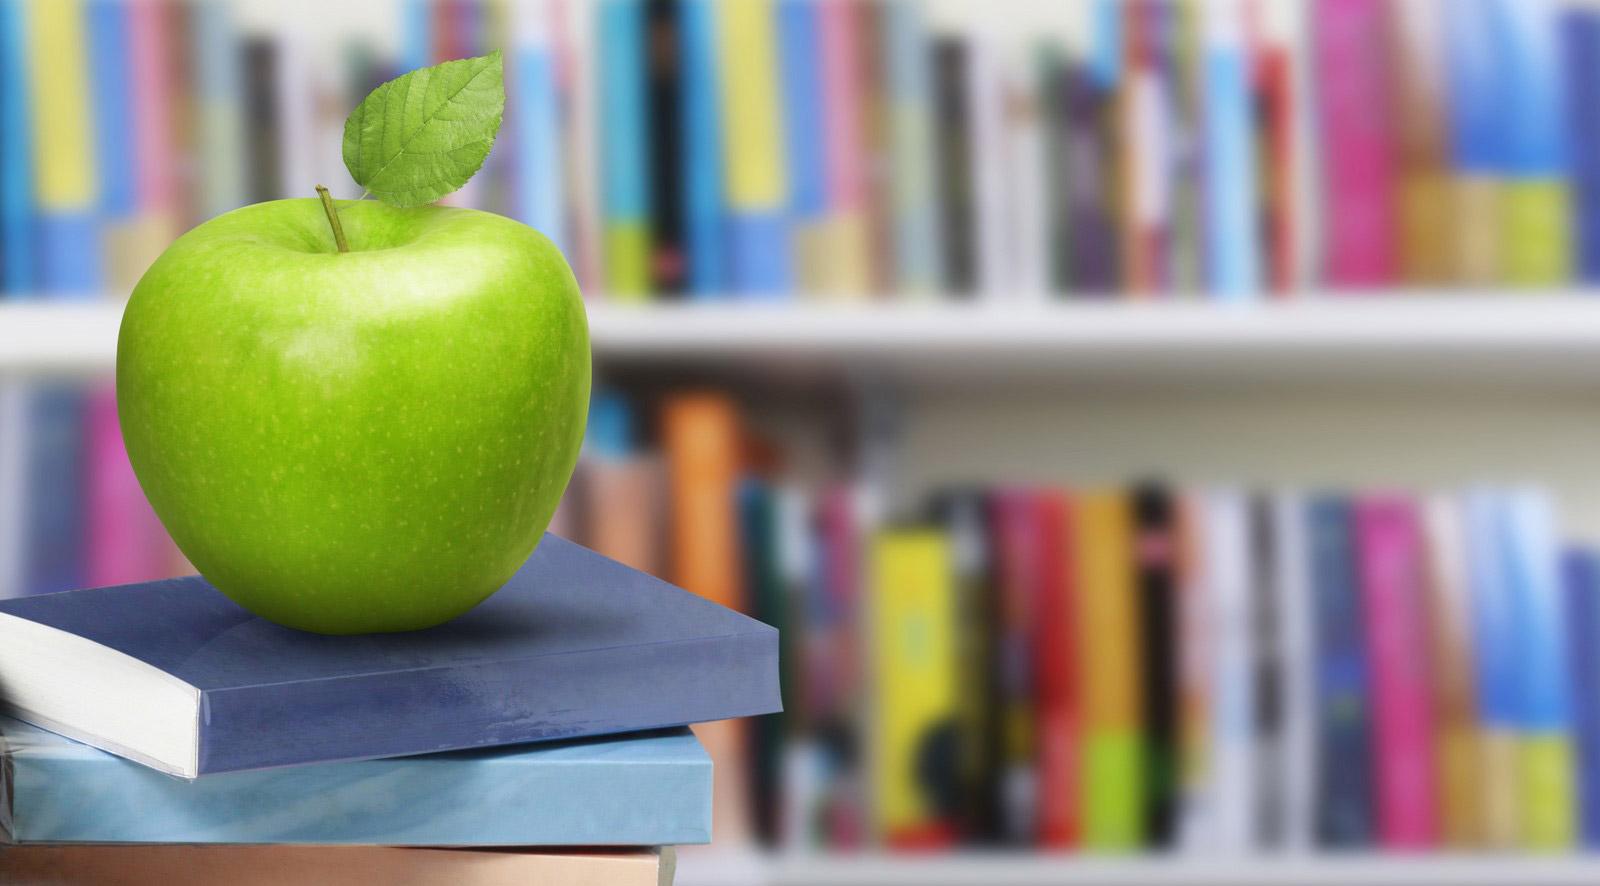 Libros y manzana en una biblioteca